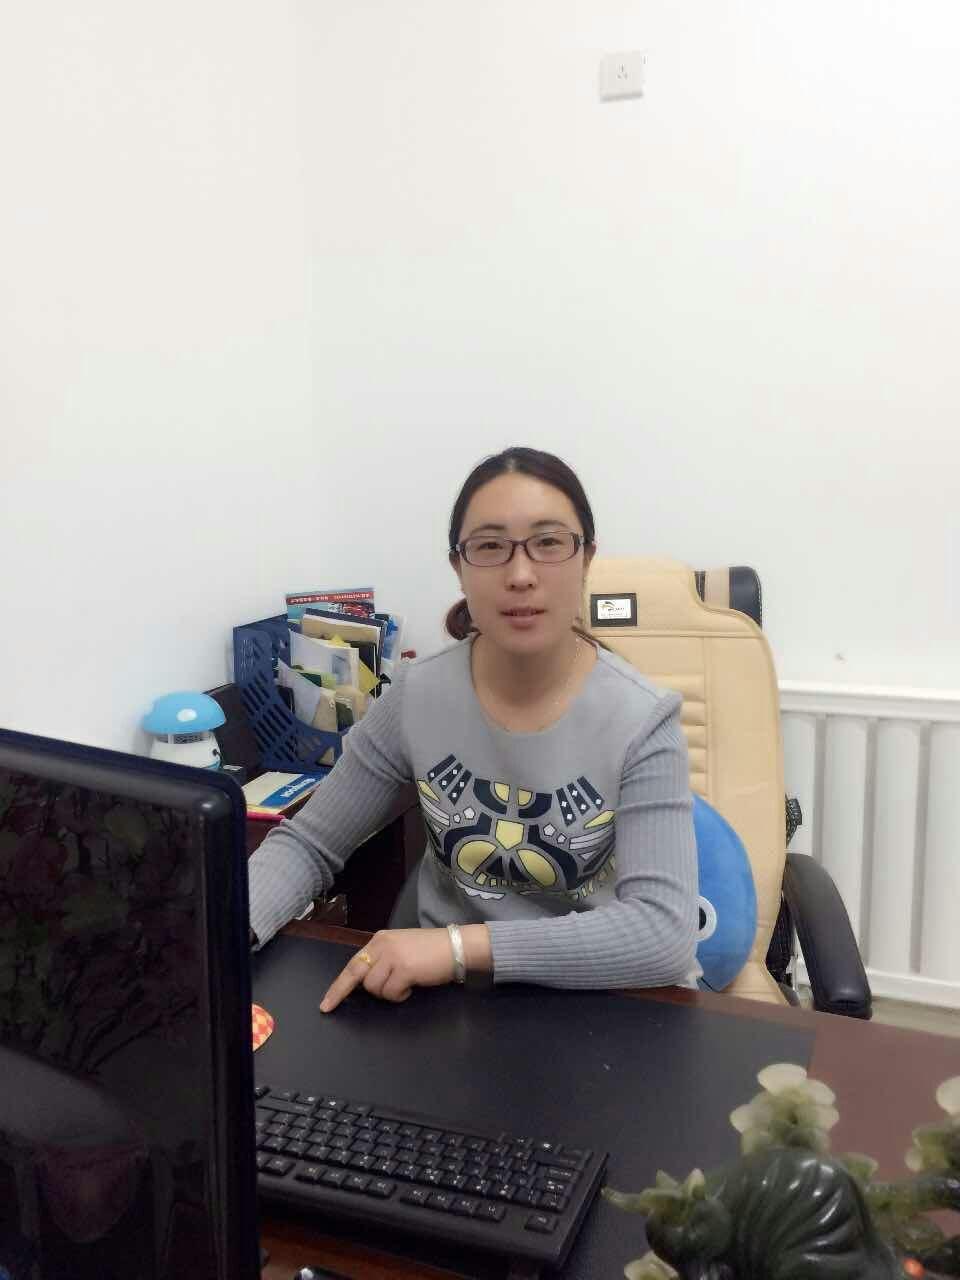 银川到东莞物流专线(银川宇浩鑫货运有限公司)